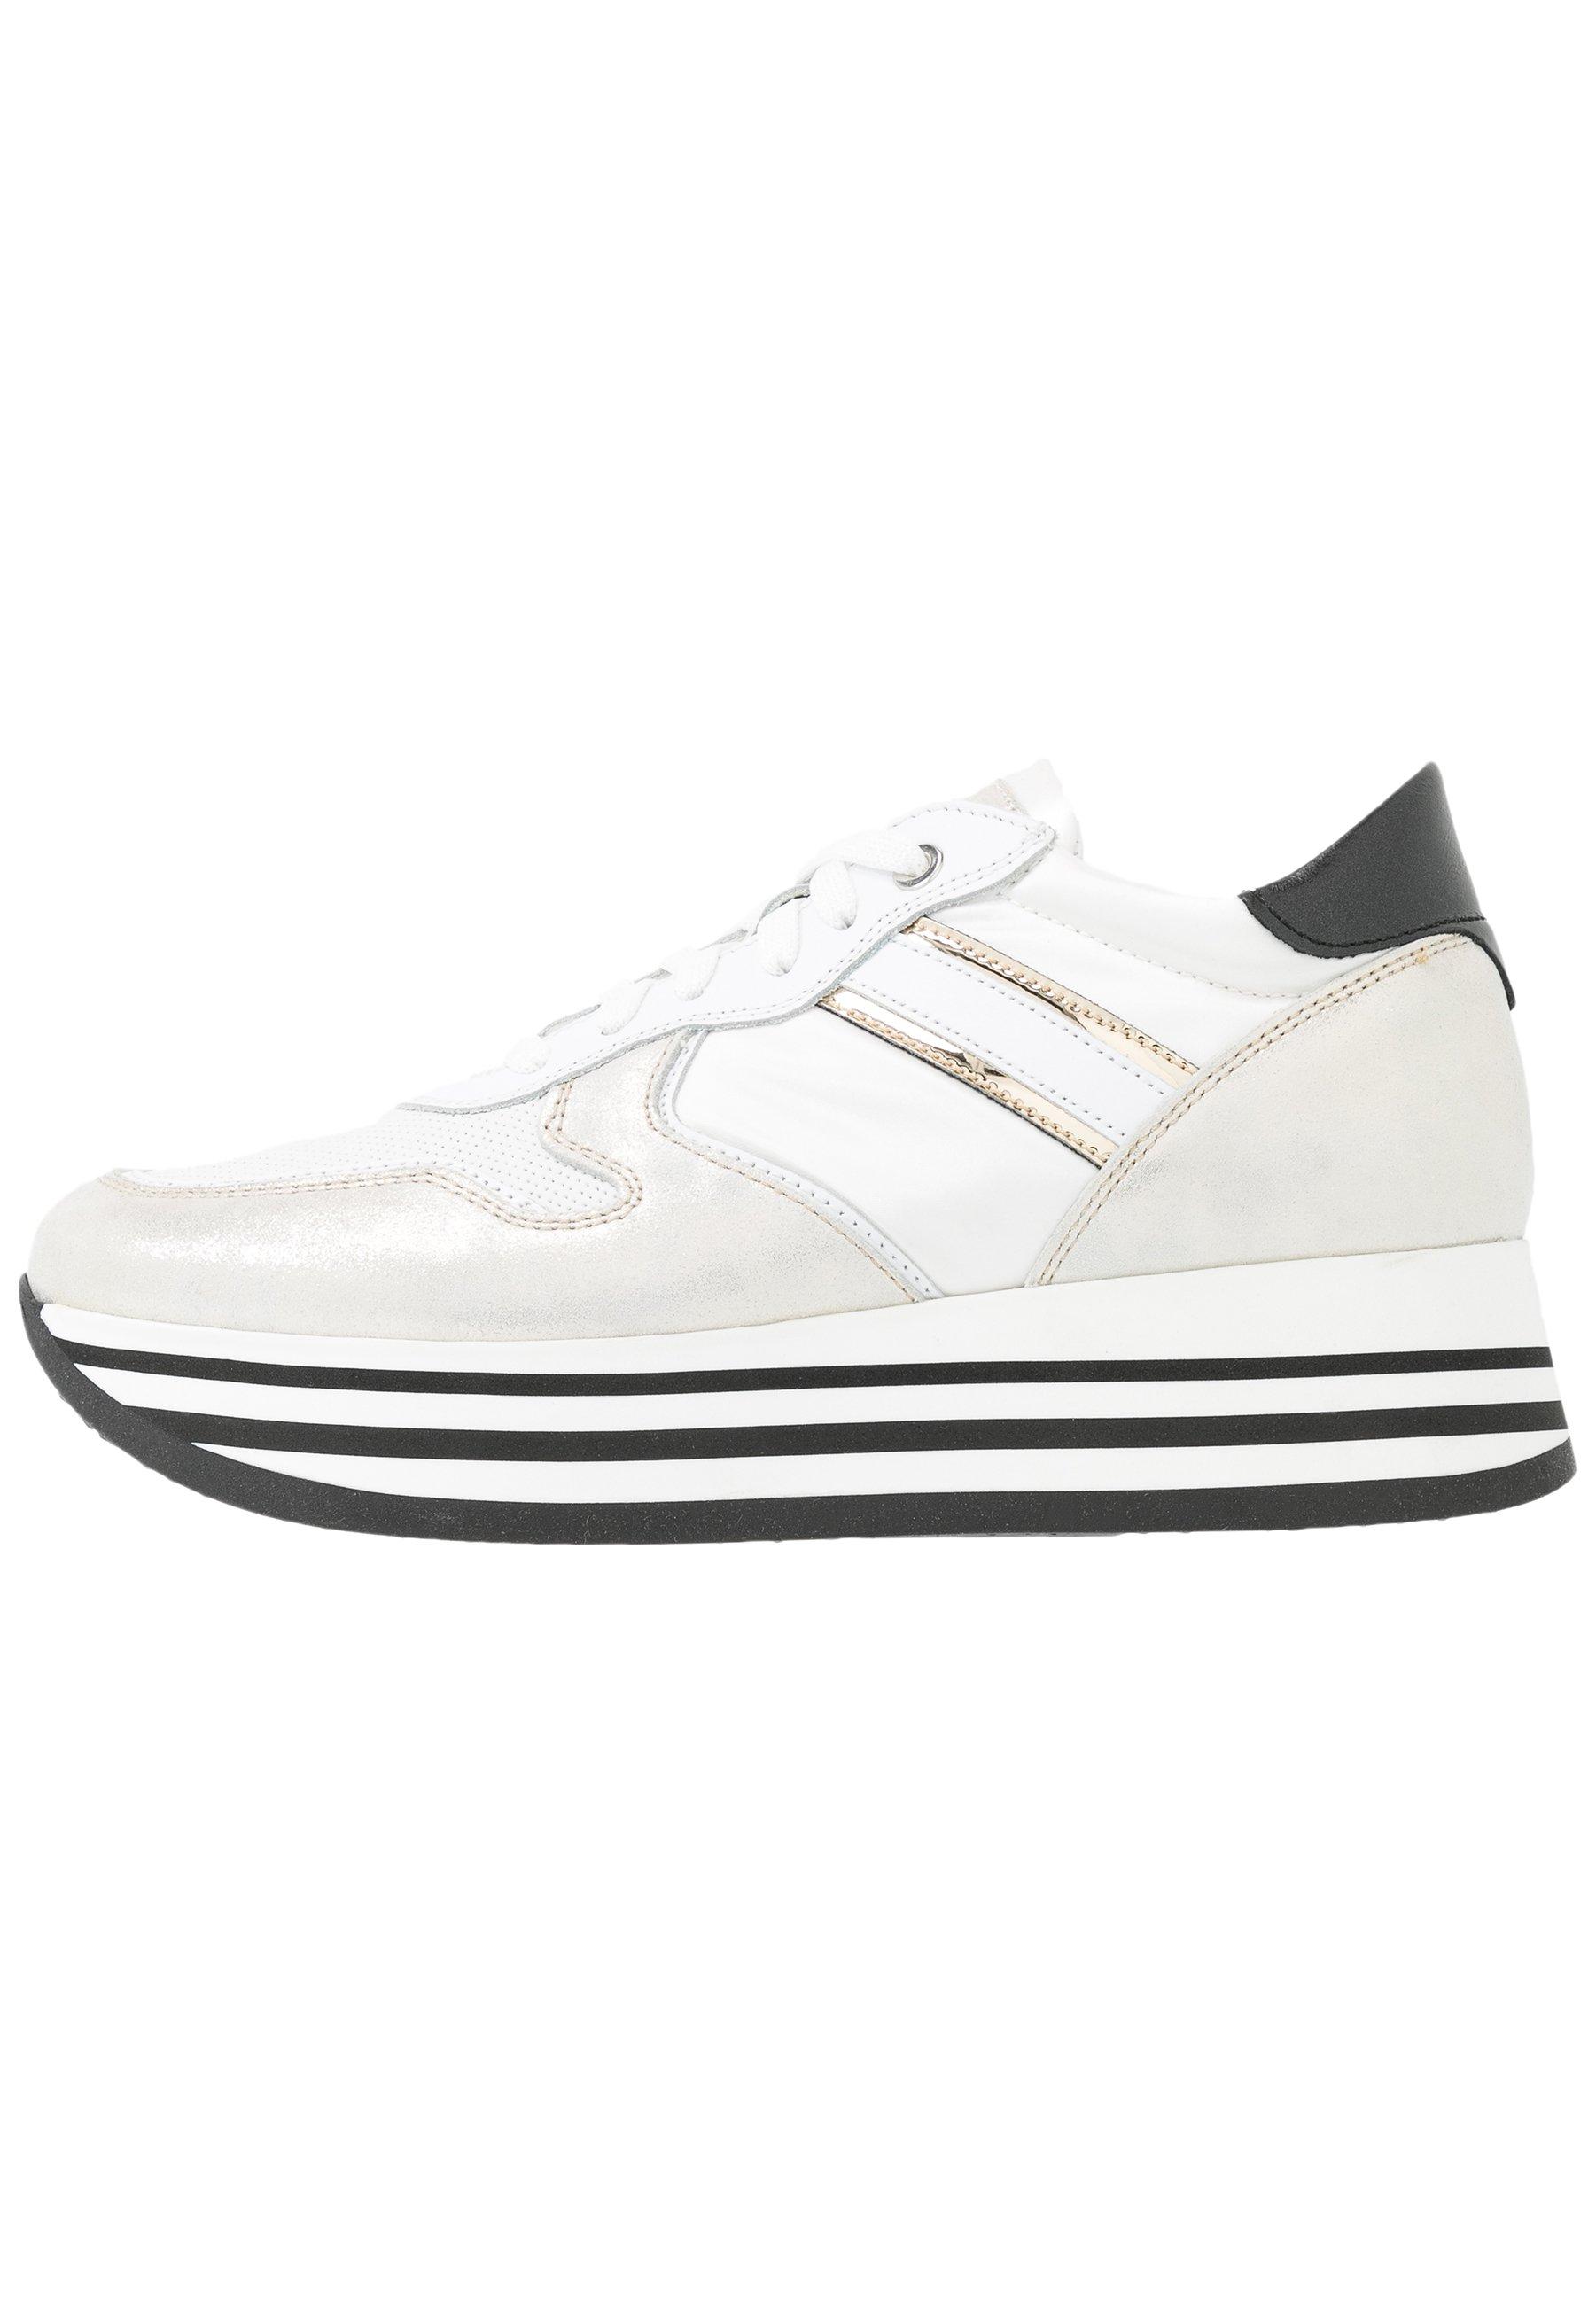 Noclaim BLUES - Sneakers - avorio